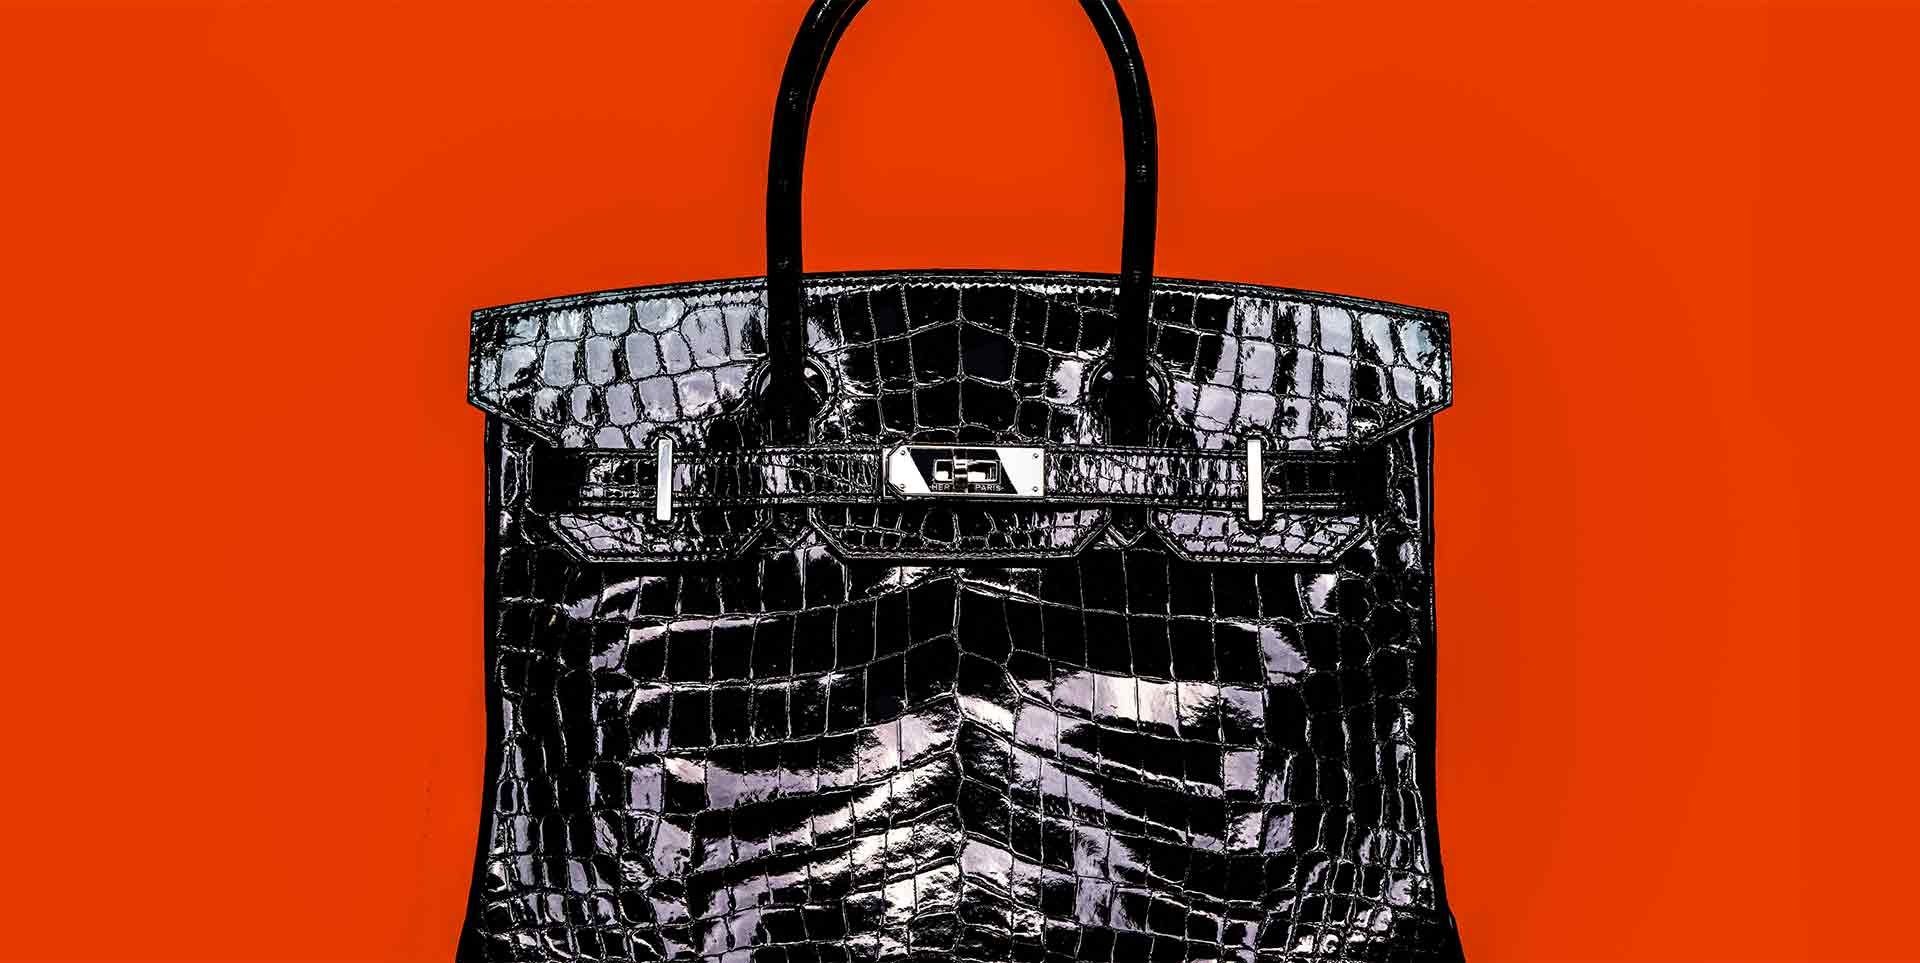 ウェブサイト(WEB)用、バッグ&小物商品撮影の写真です。クライアントはAMAZING CIRCUSです。(8o-103)